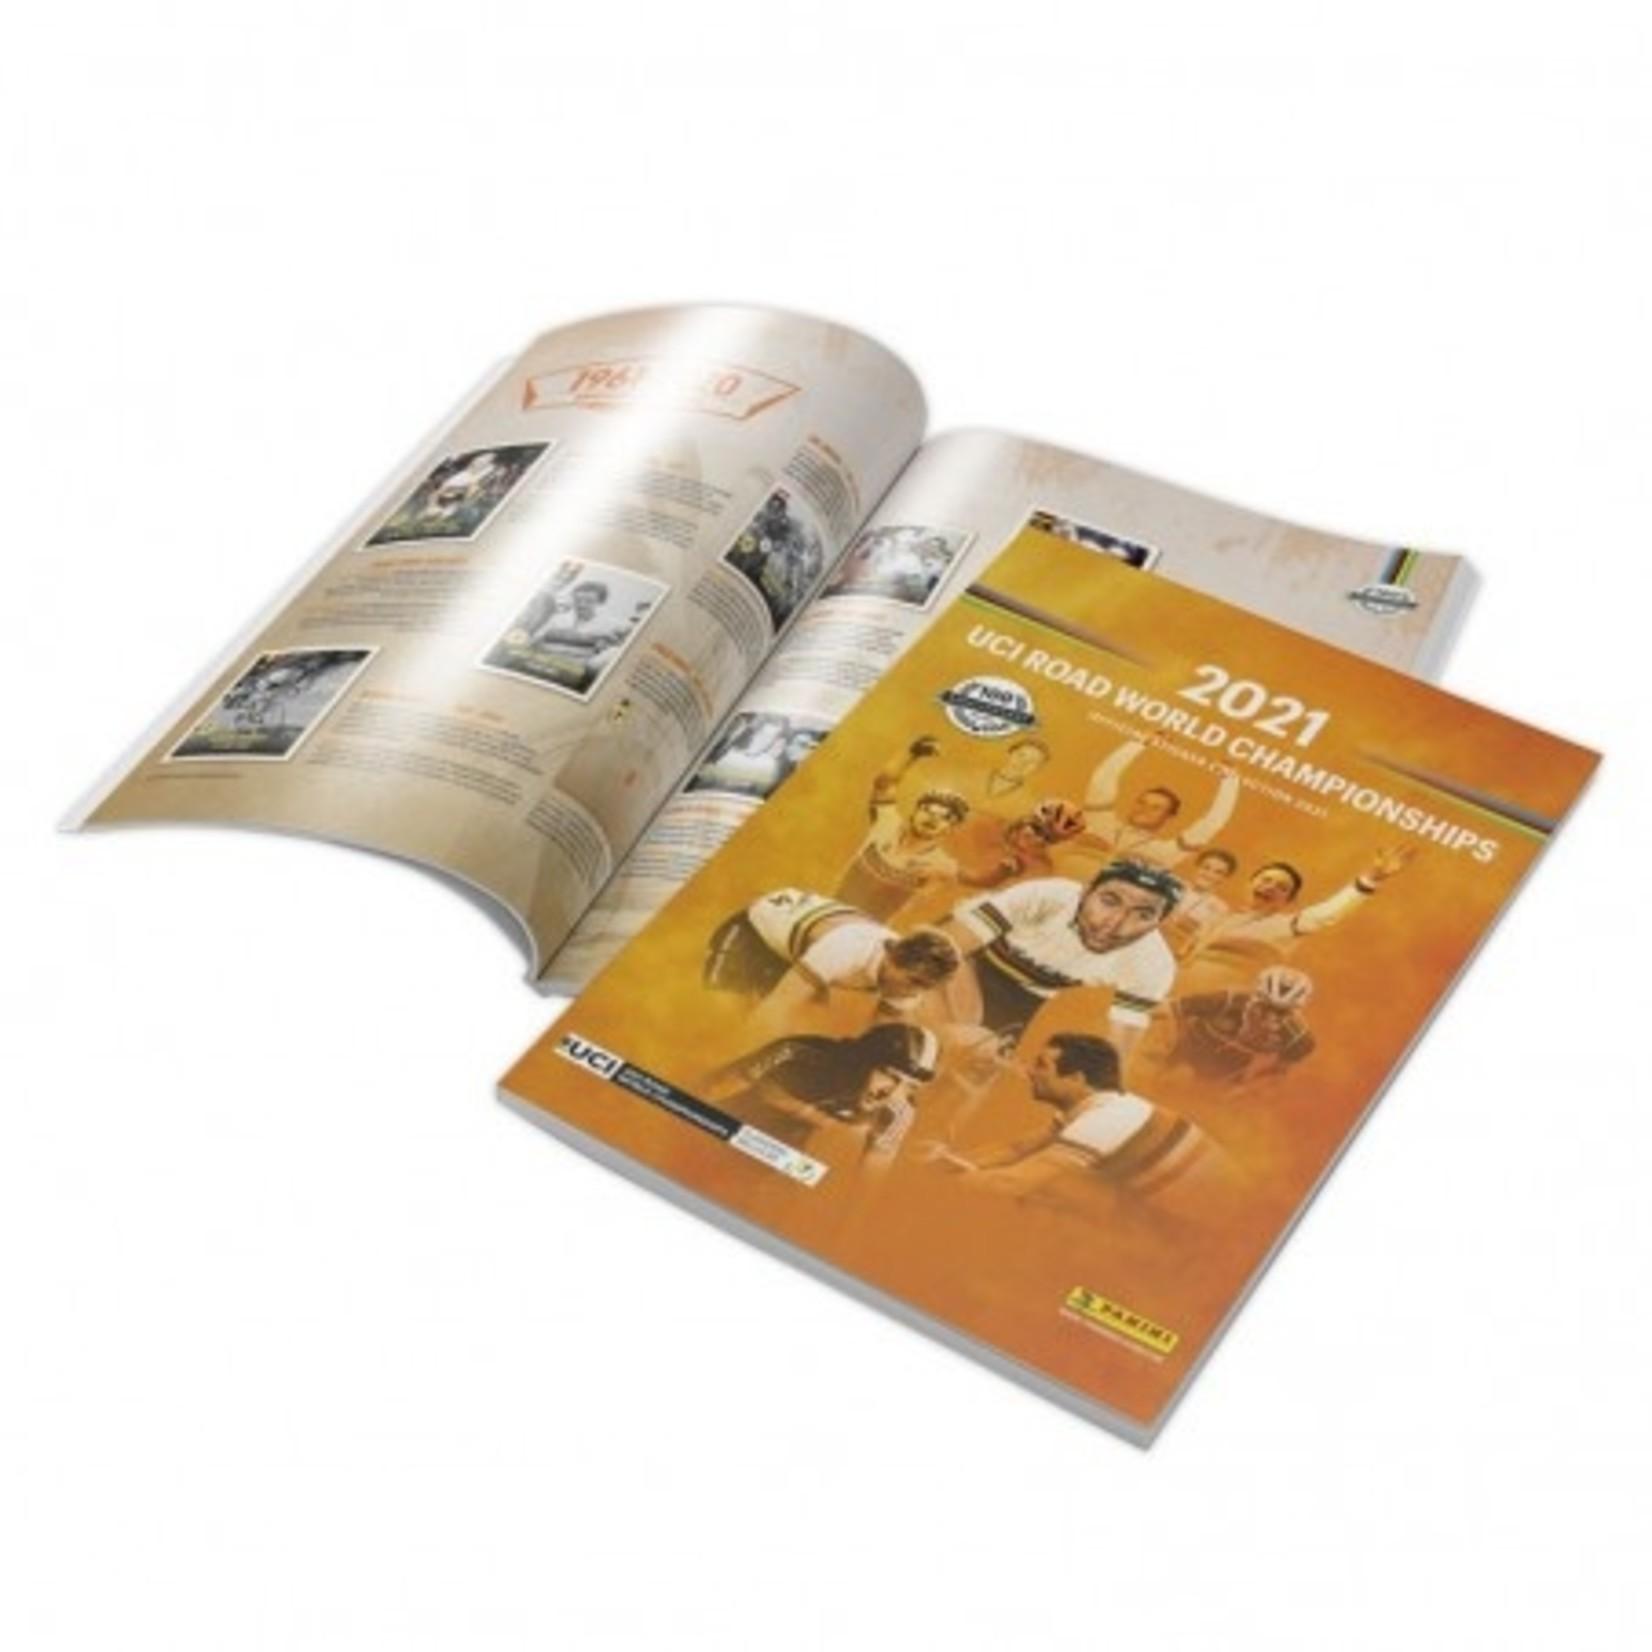 Panini UCI Worldchampion album 2021 Hard Cover